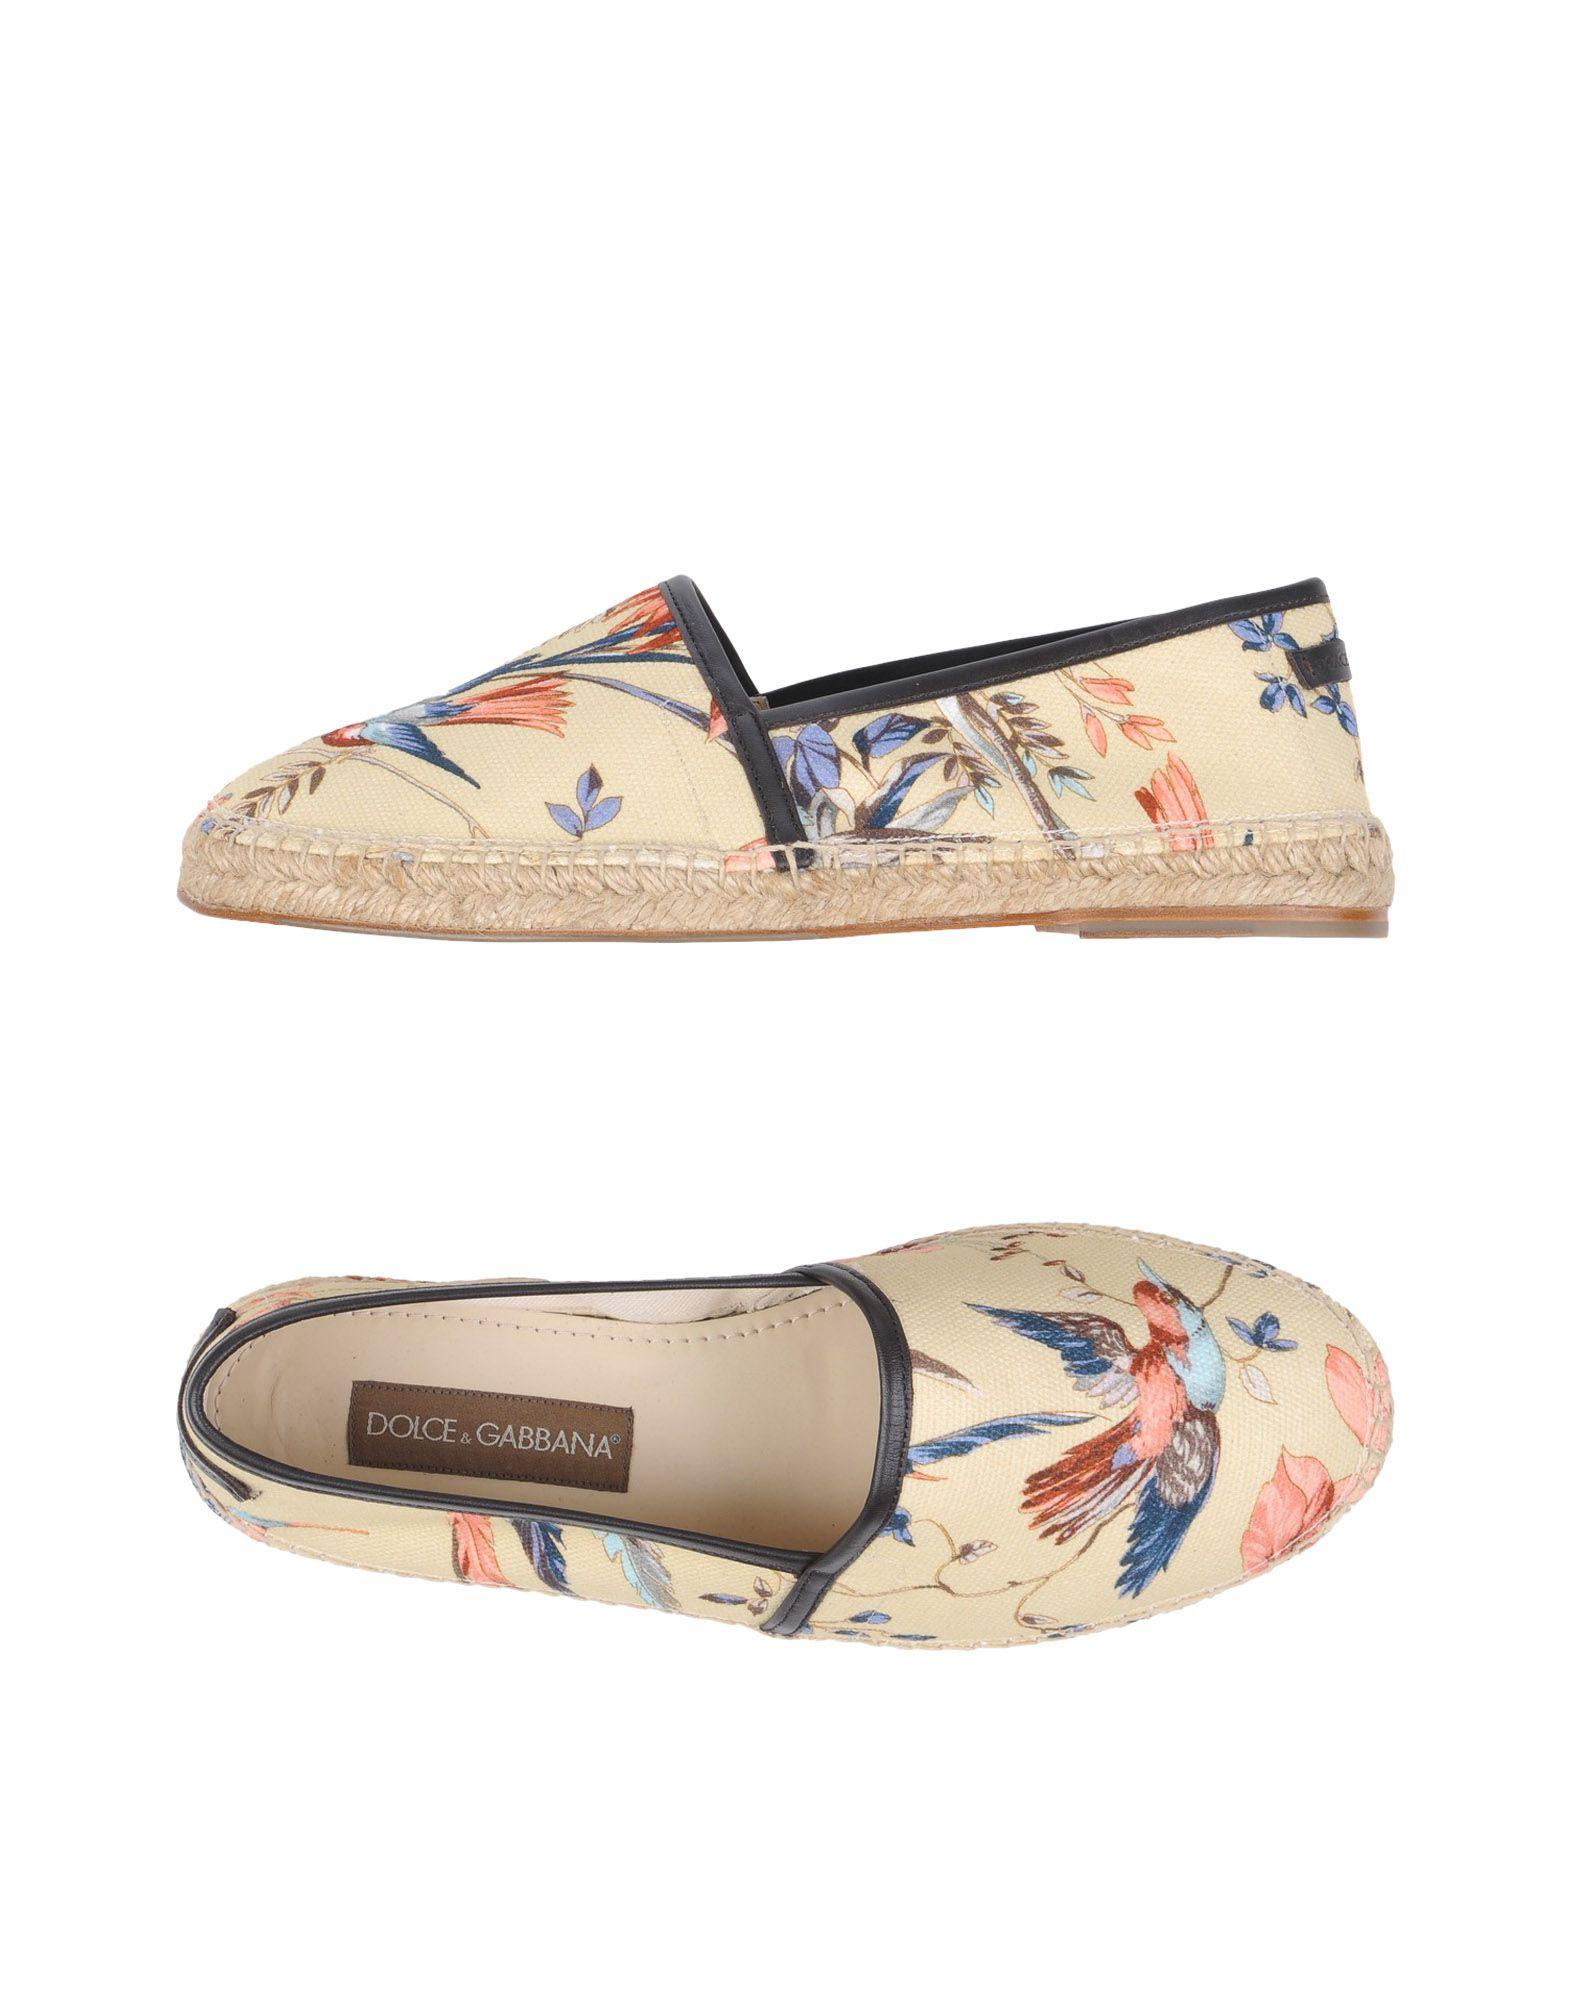 Dolce & Gabbana Espadrilles Herren  11200629RW Gute Qualität beliebte Schuhe